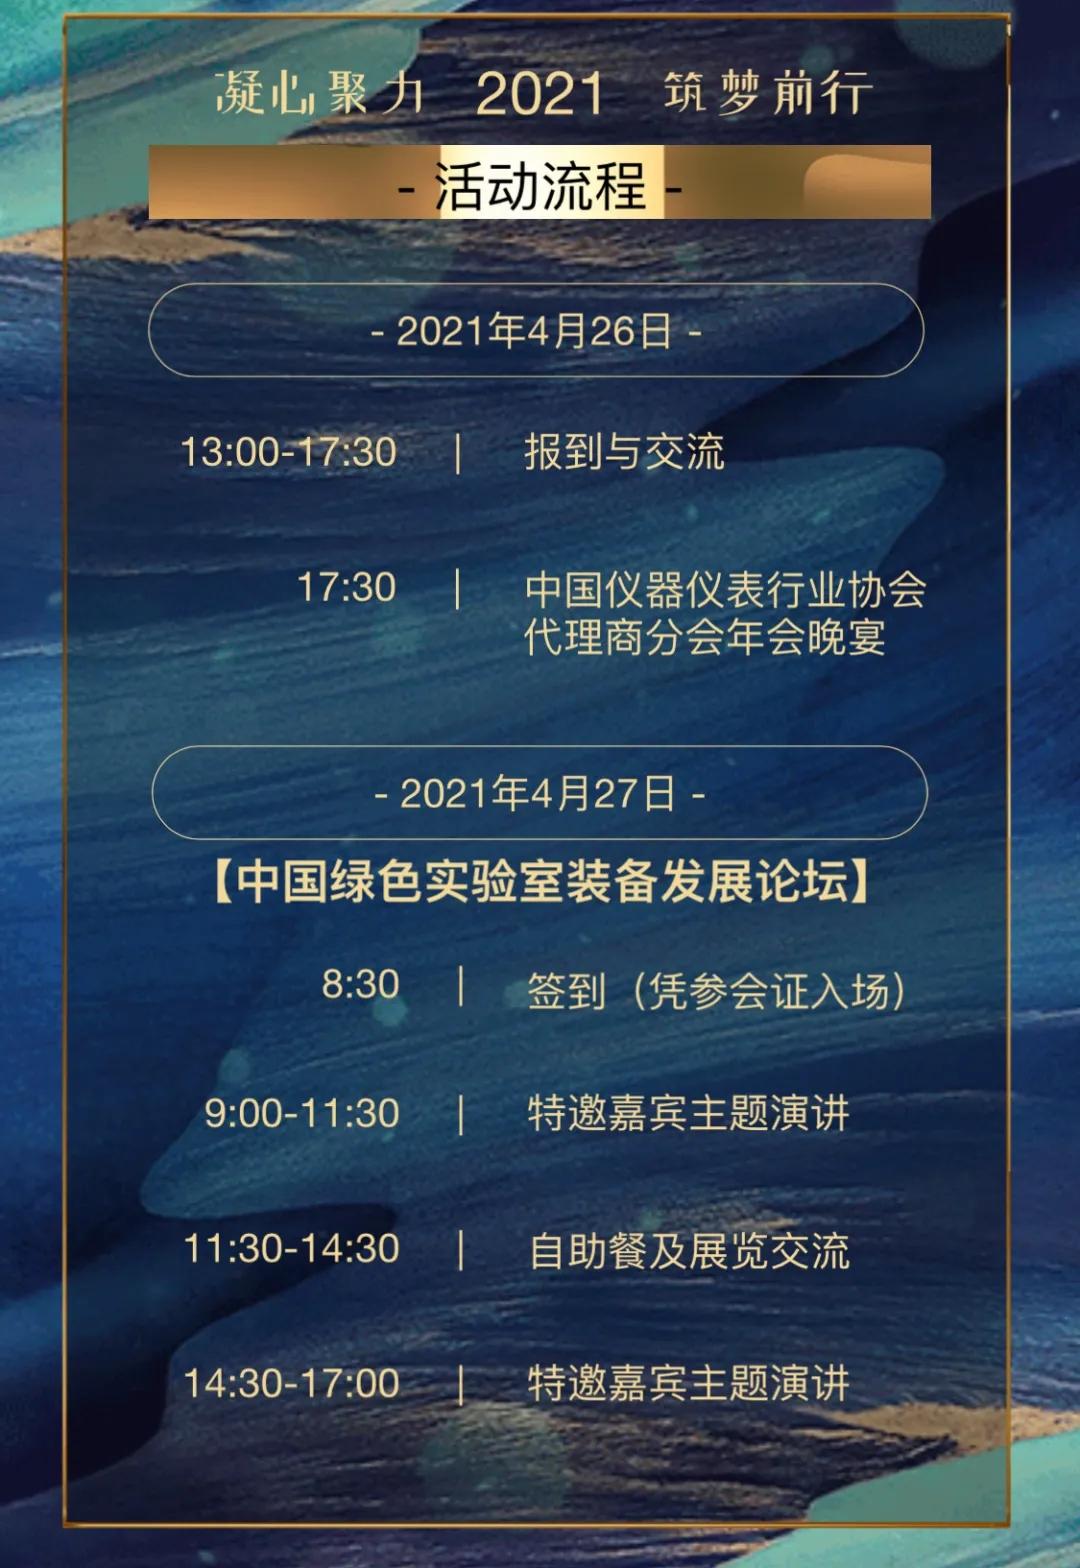 中国绿色实验室装备发展论坛1.webp.jpg